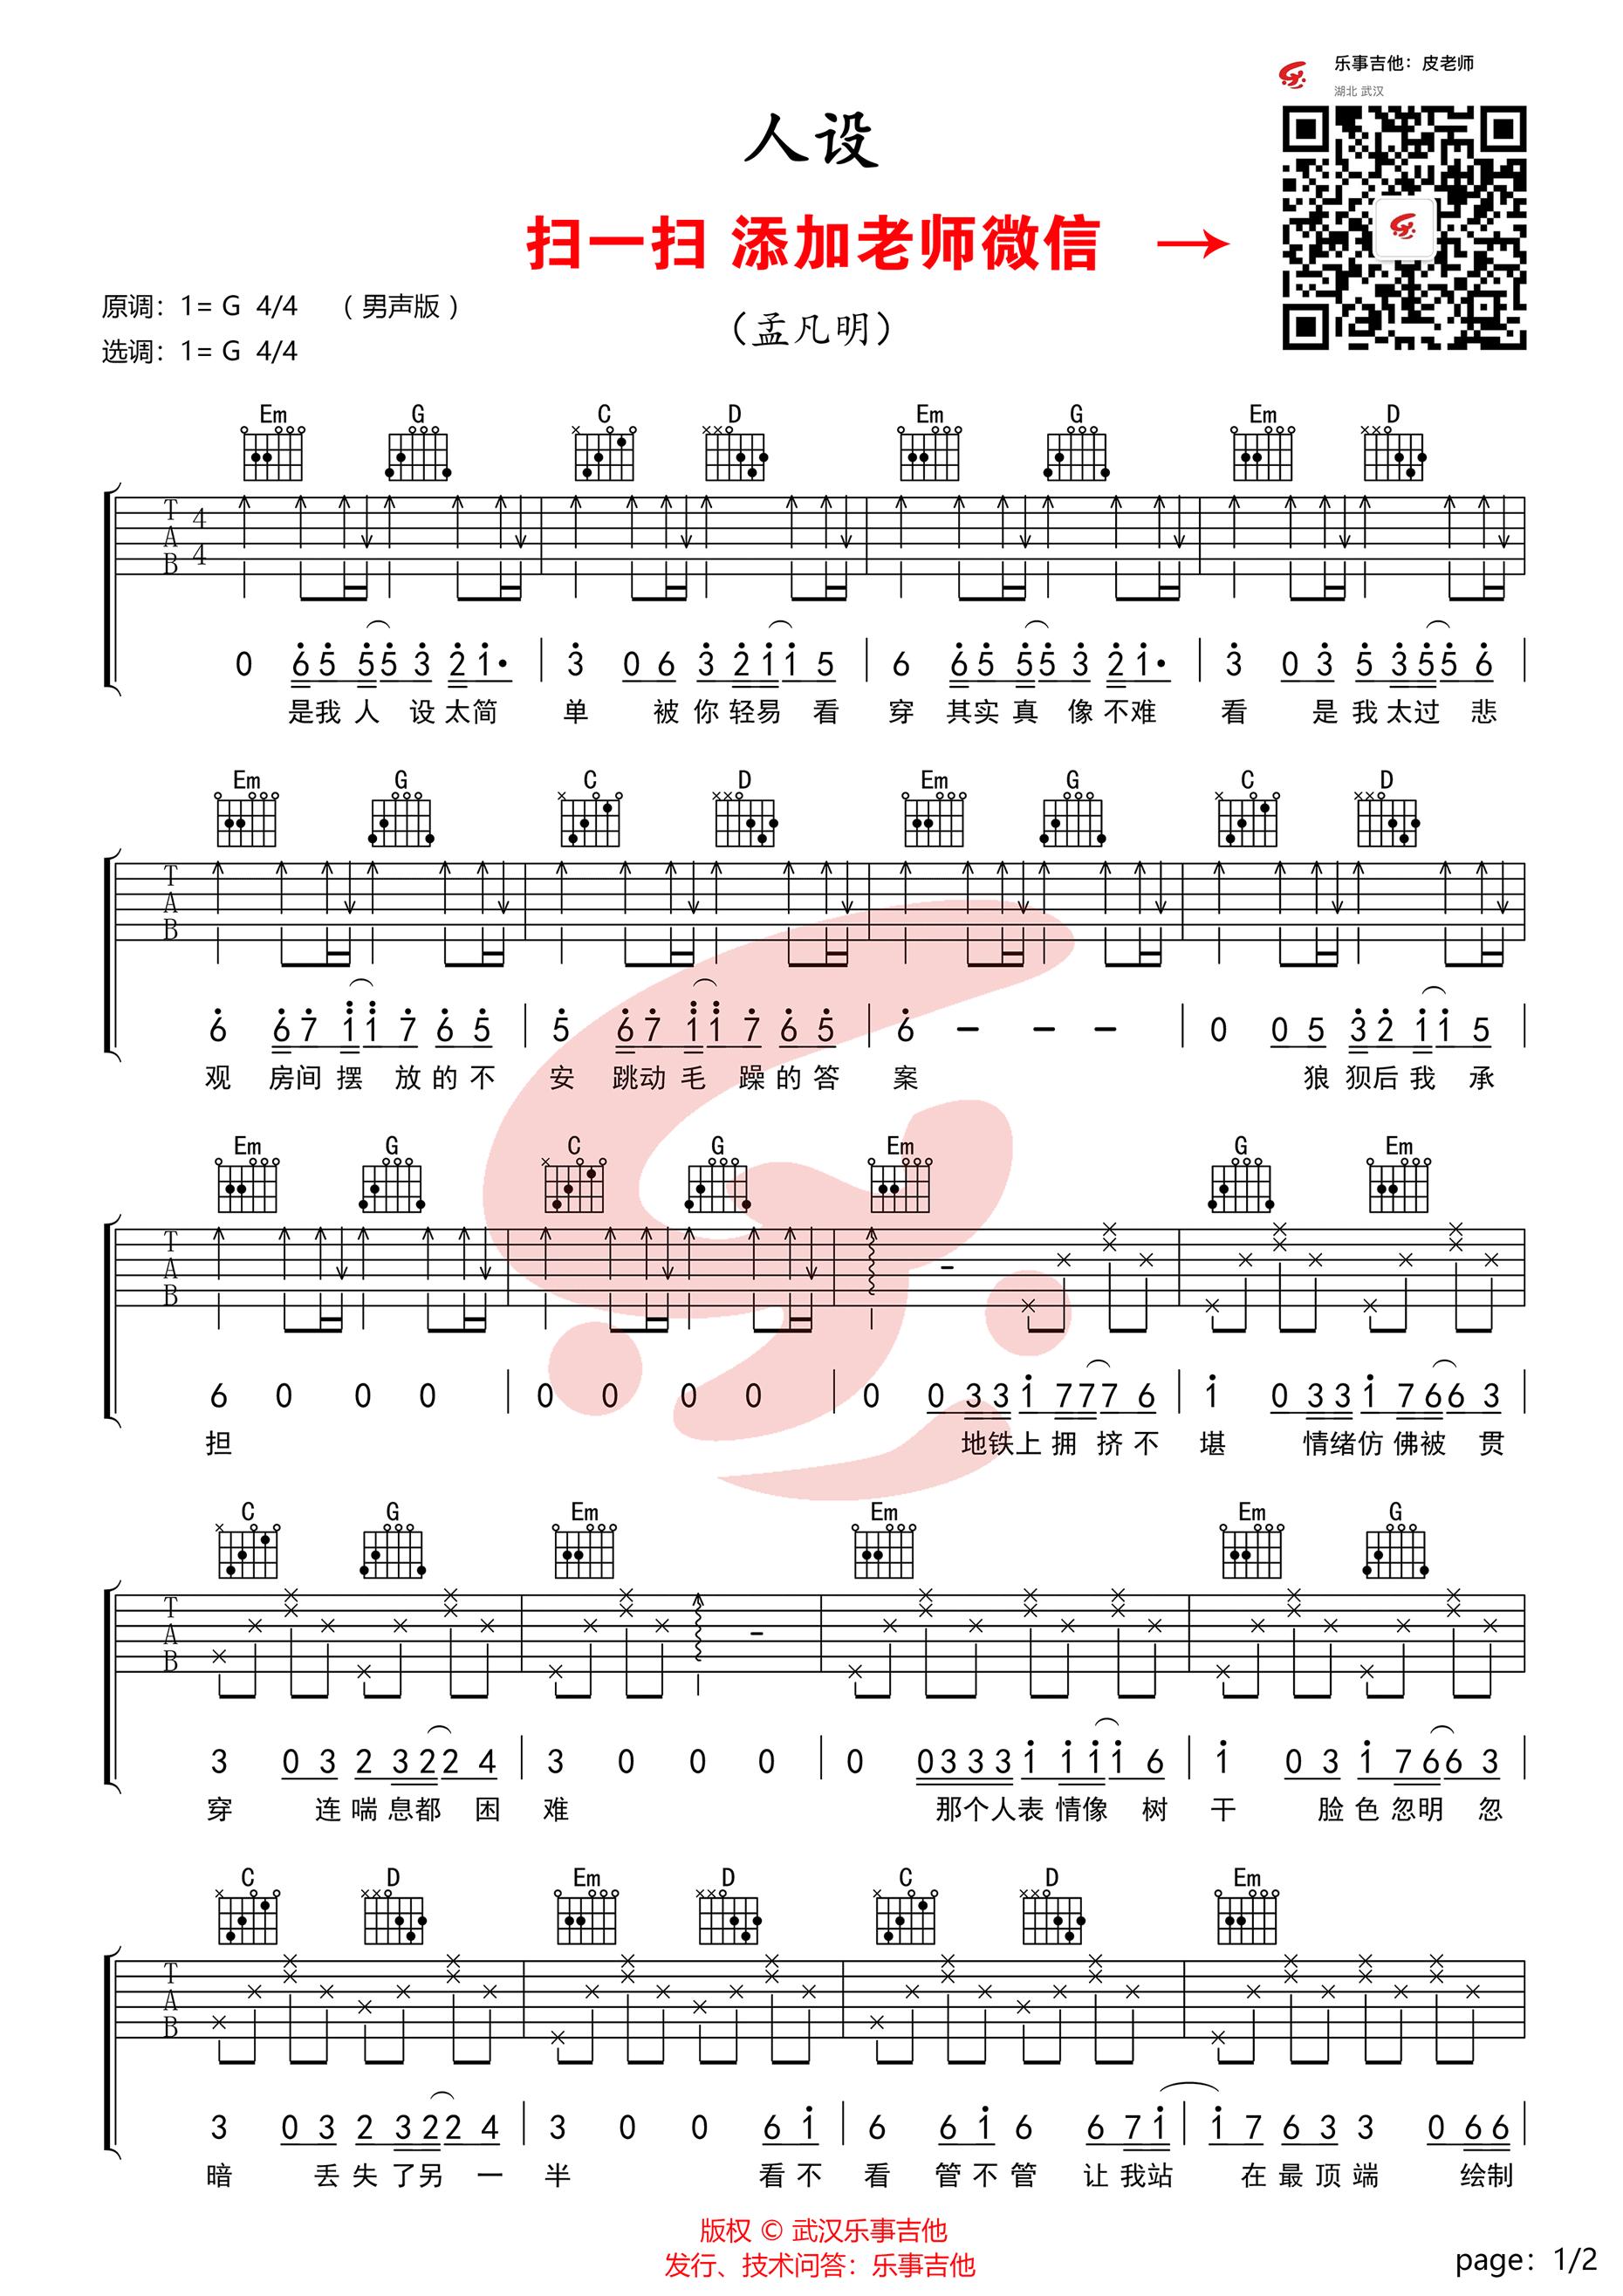 人設-孟凡明-图片吉他谱-1